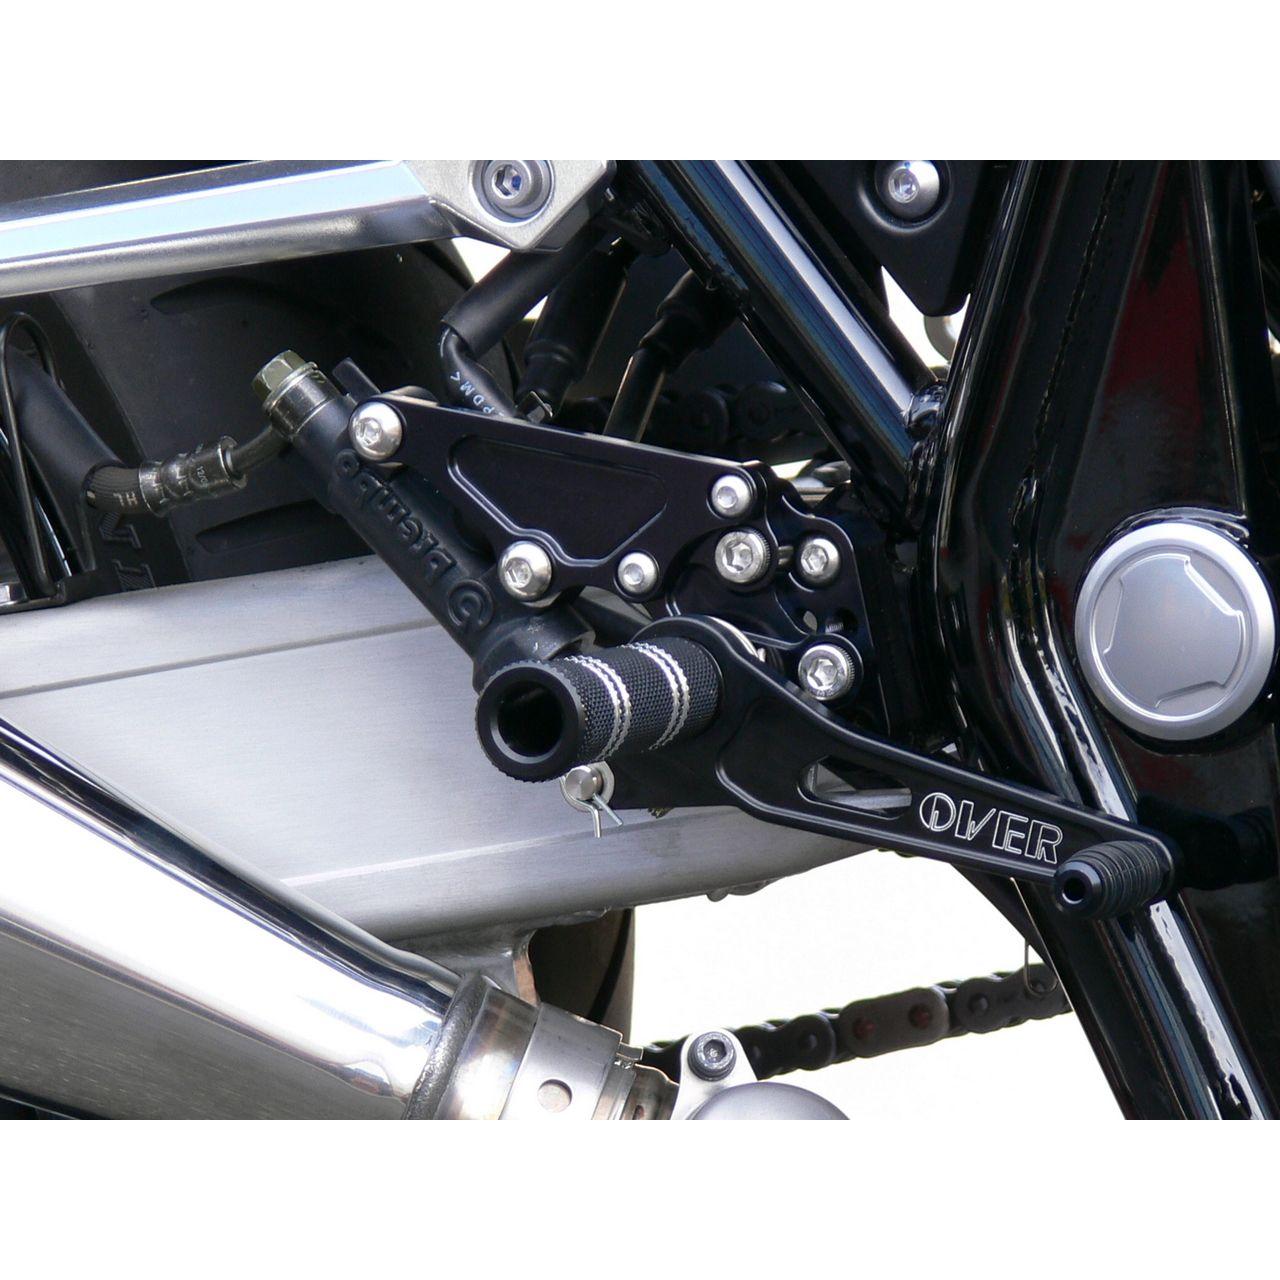 【OVER】4點安裝位置腳踏後移套件 - 「Webike-摩托百貨」